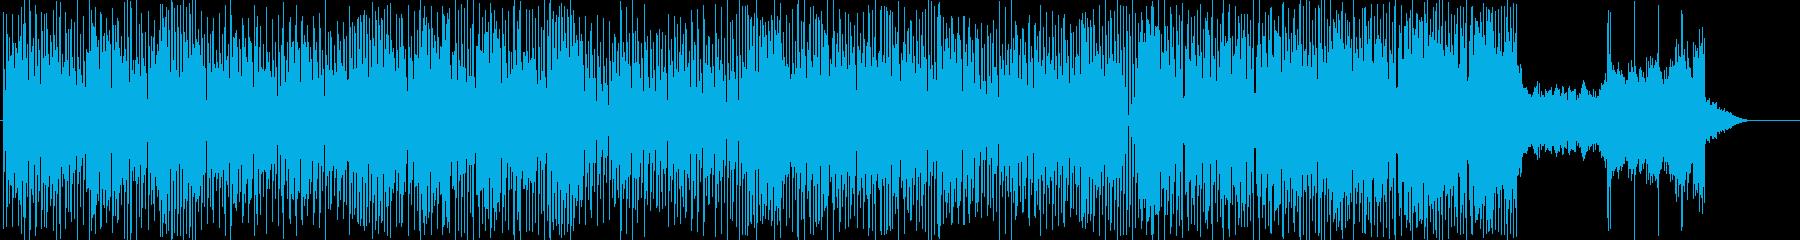 和風なハウスミュージックの再生済みの波形